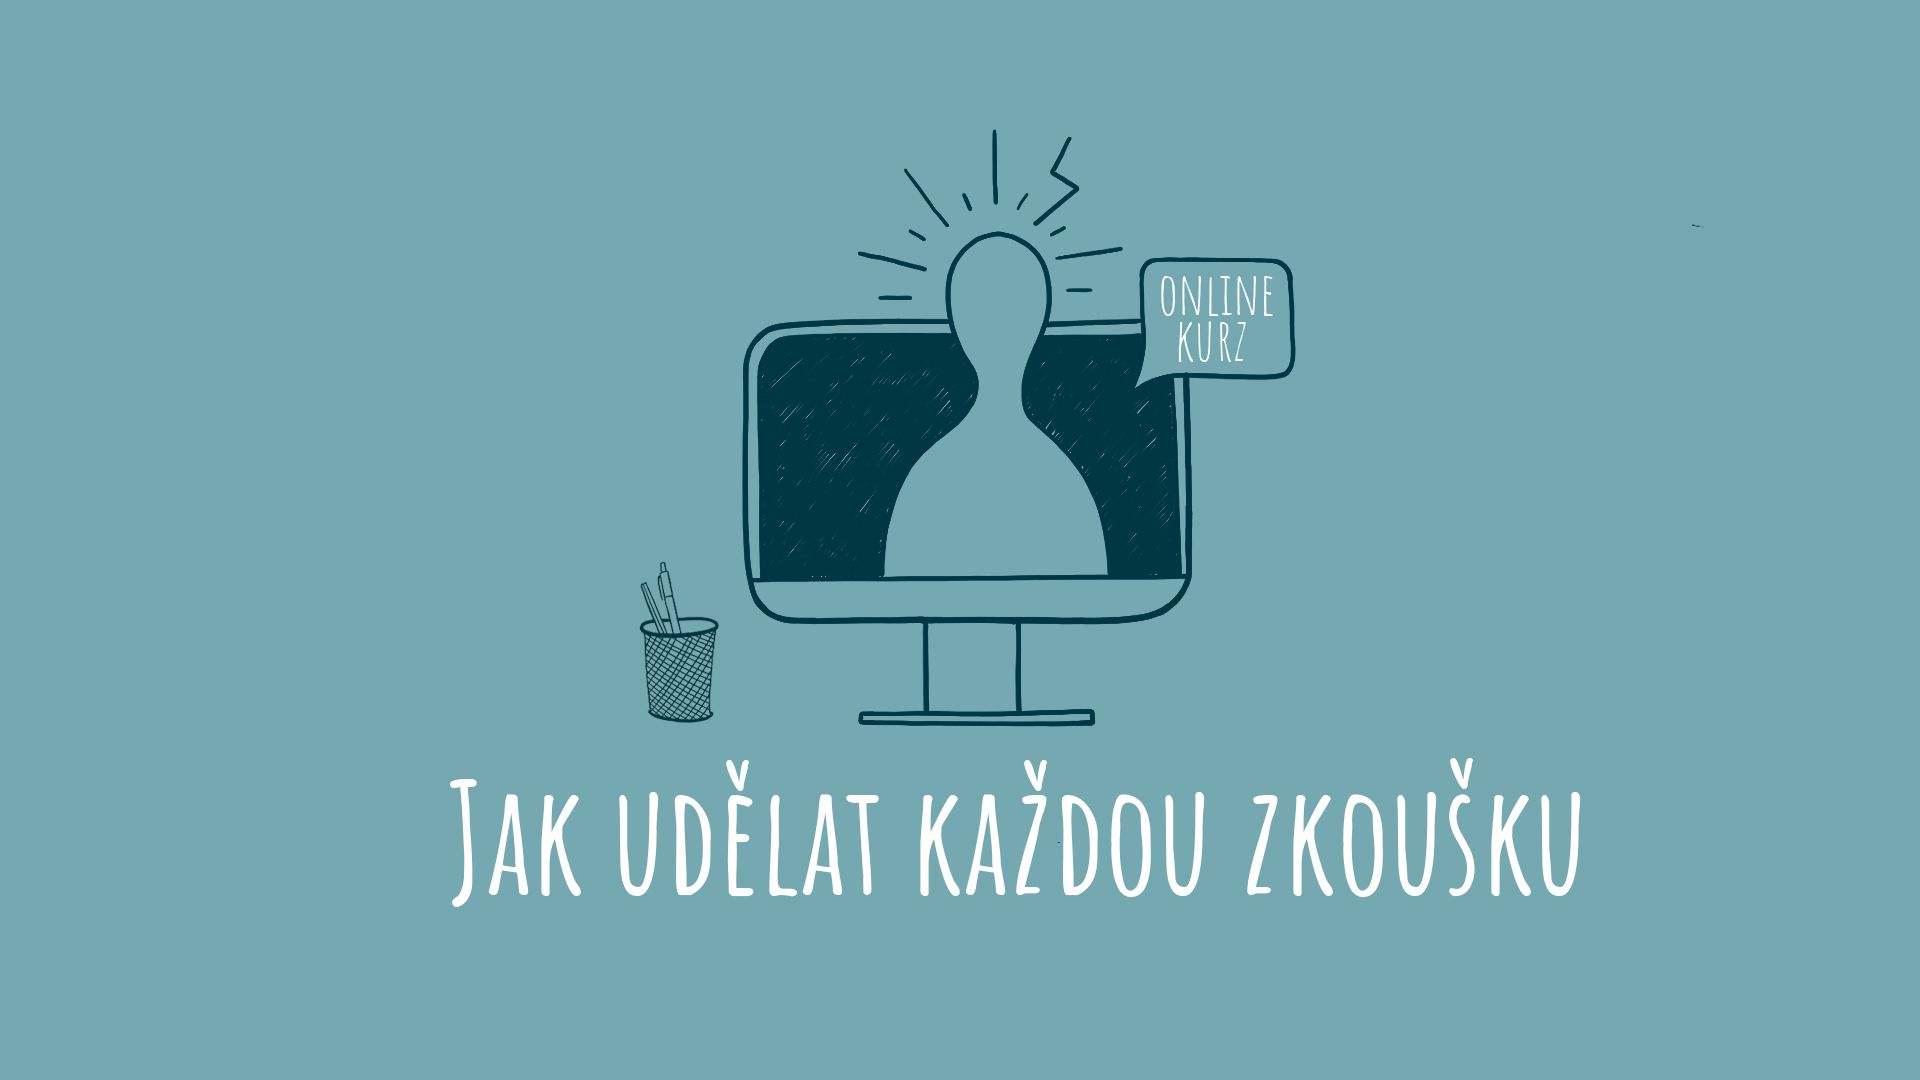 Online kurz Jak udělat každou zkoušku